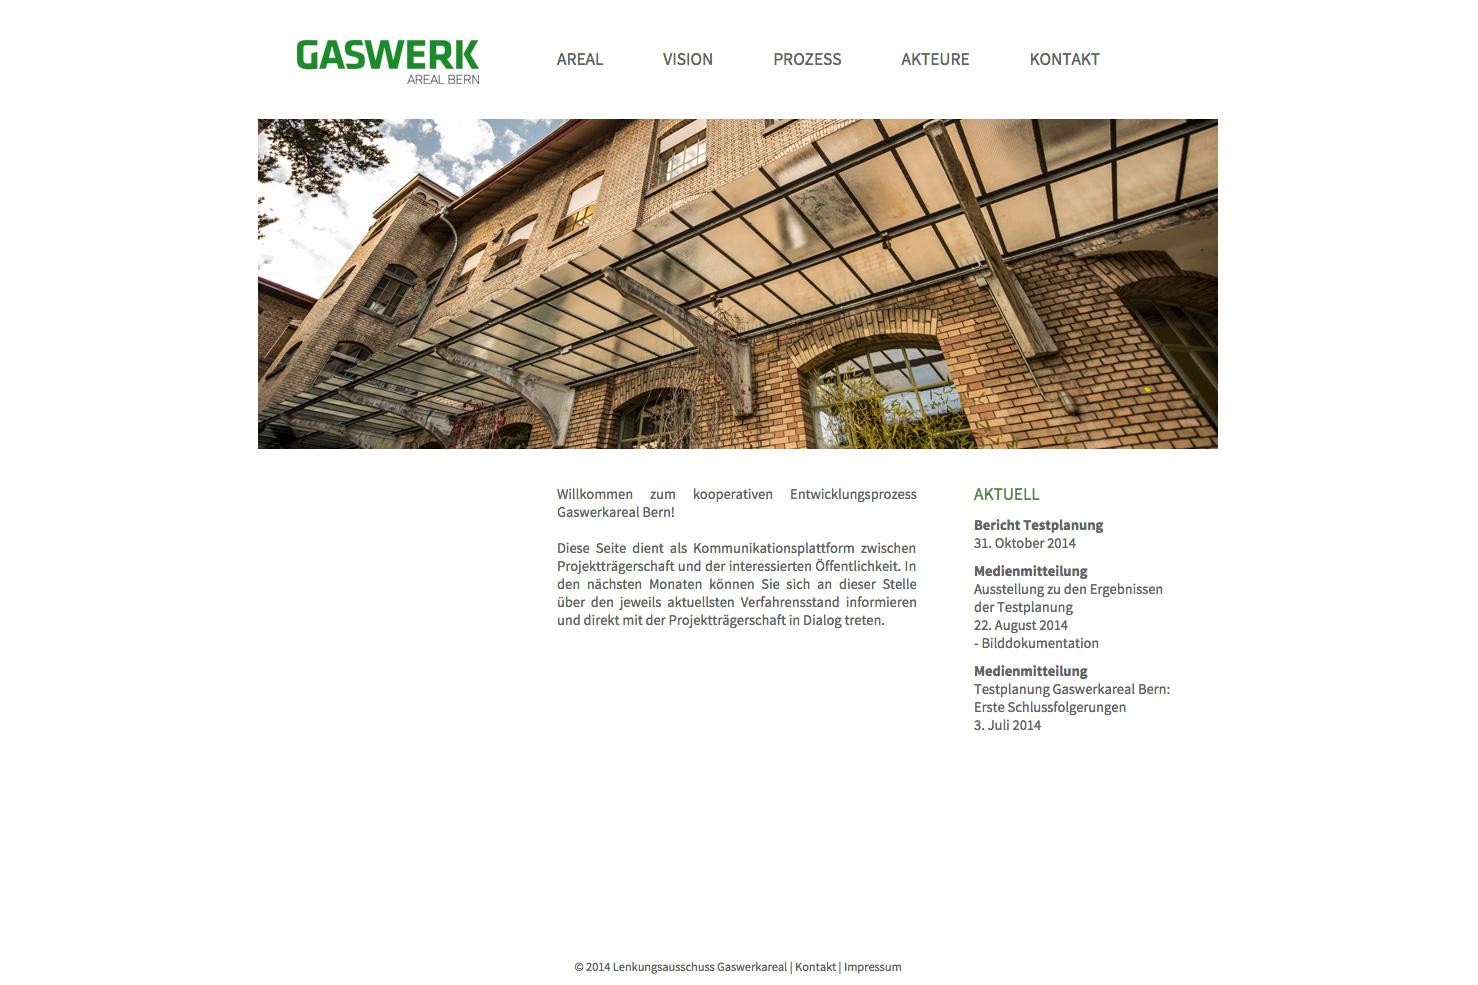 Bild 1 vom Gaswerkareal Webseite